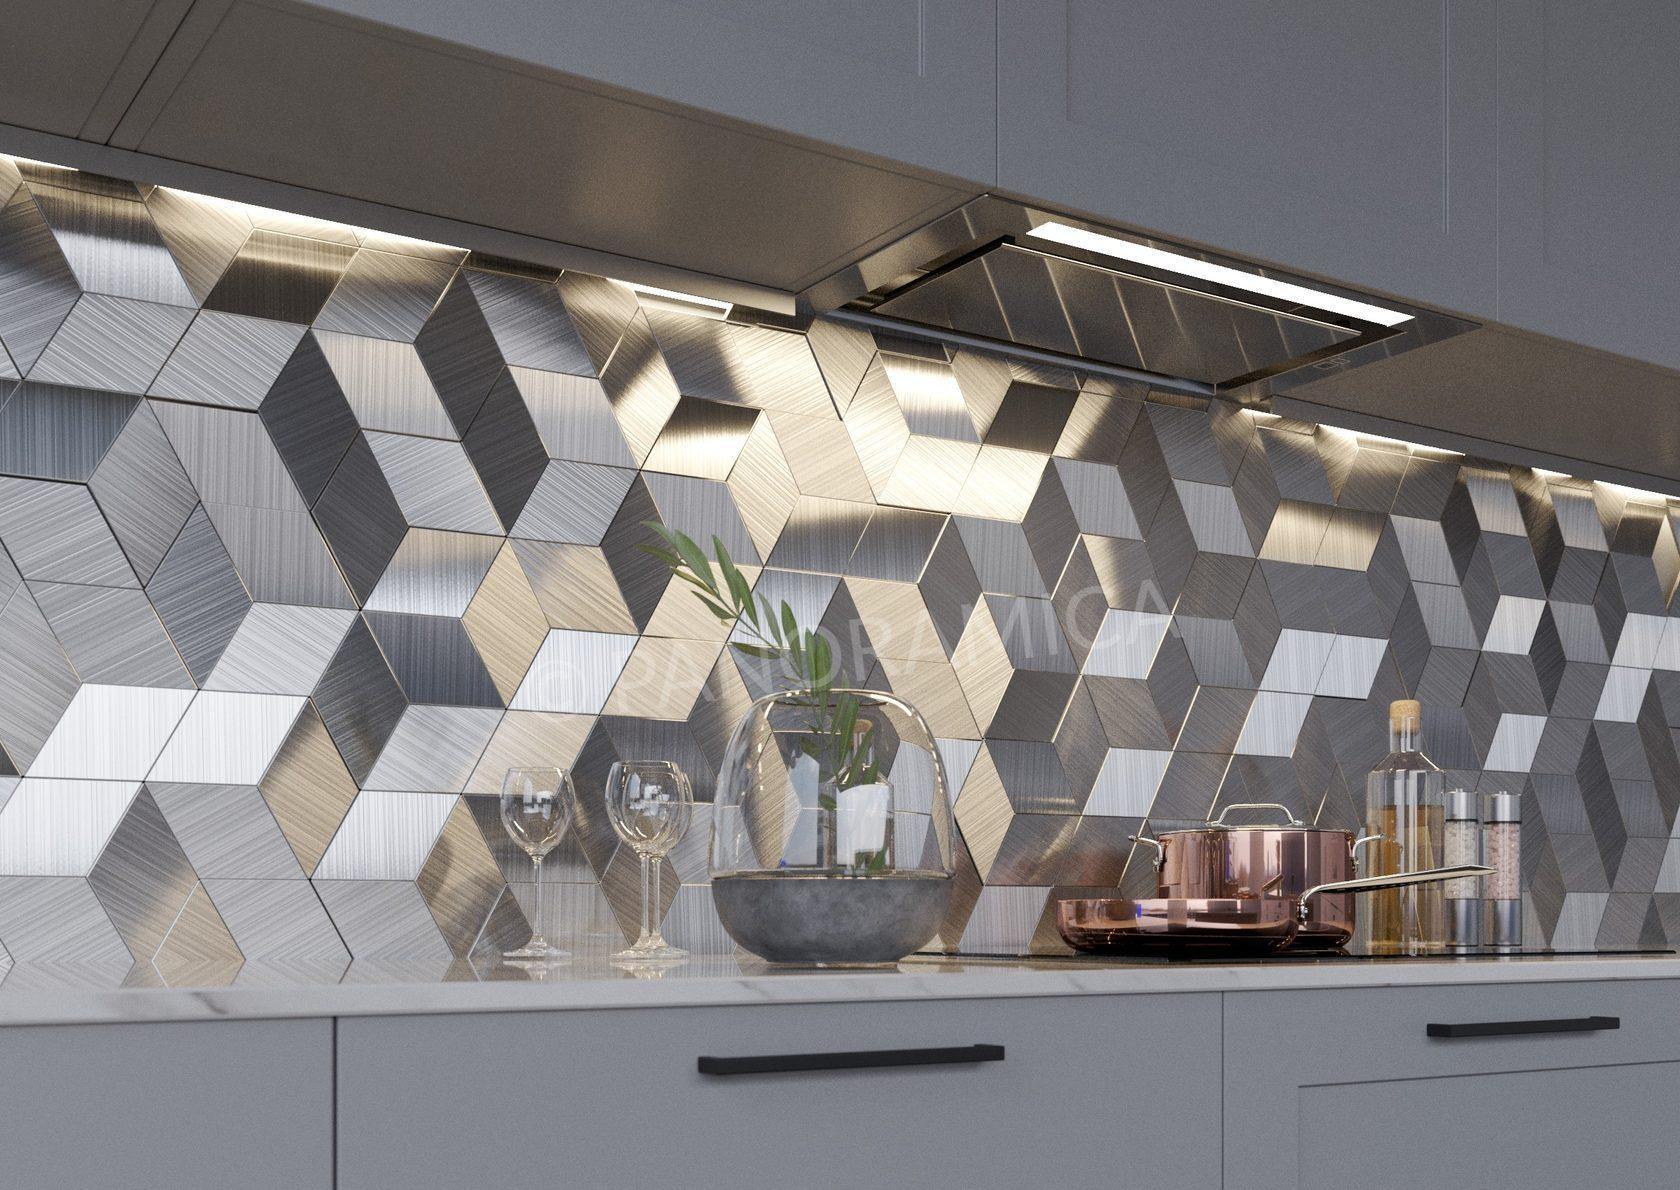 запустить обработку декор панели для кухни фото водонагреватель, случай